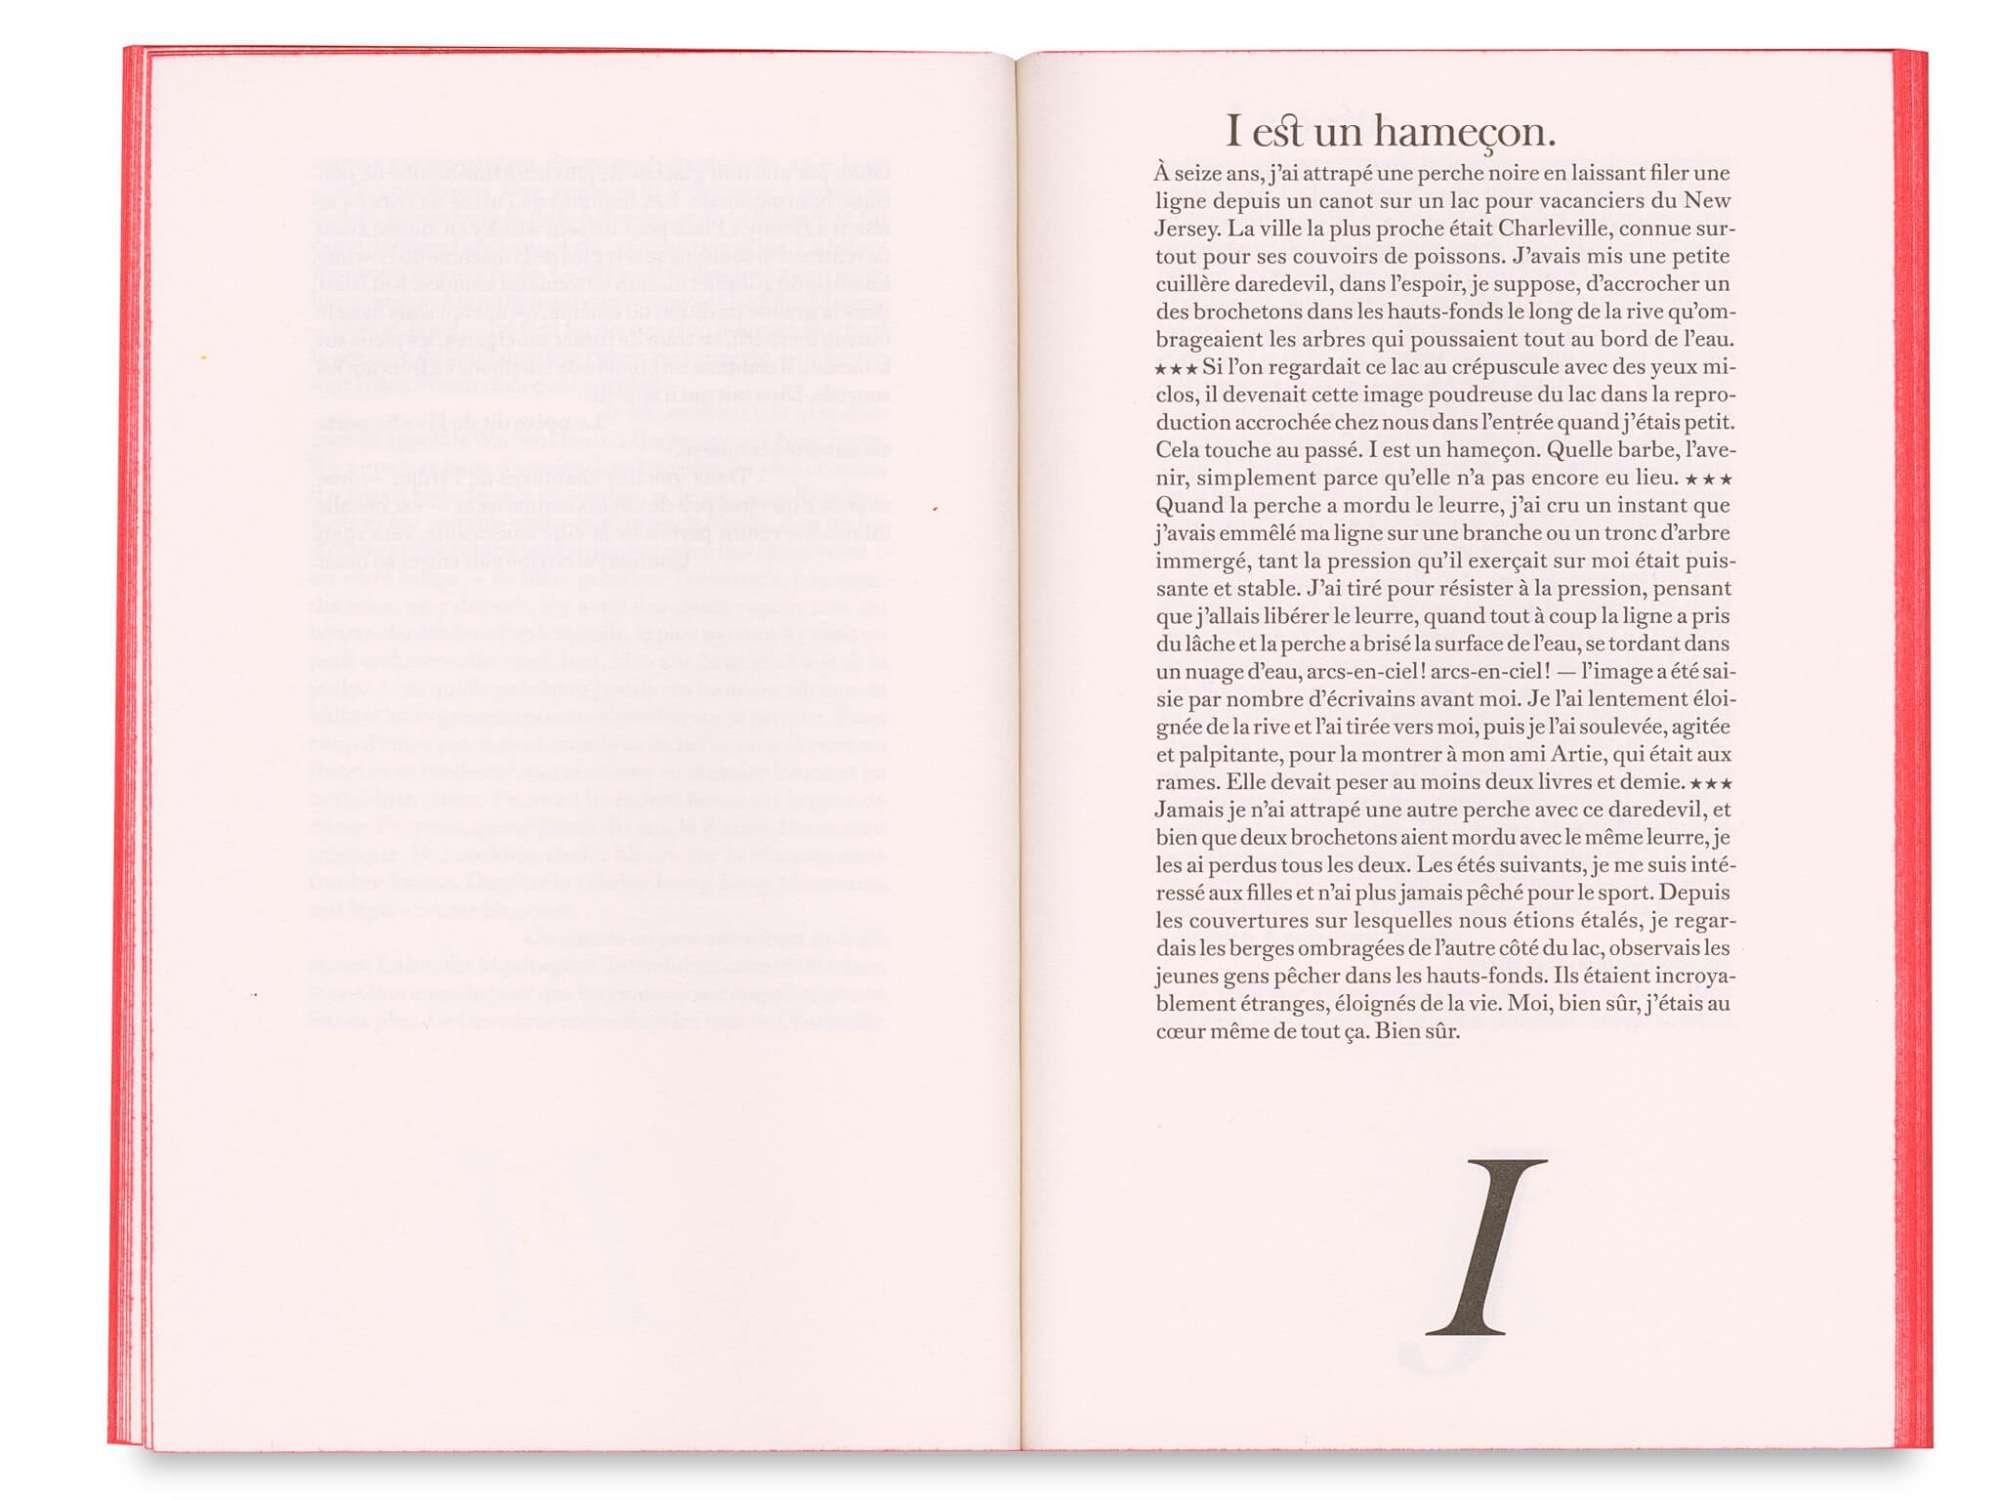 Gilbert Sorrentino Splendide-Hôtel Éditions cent pages Lettre I: I est un hameçon